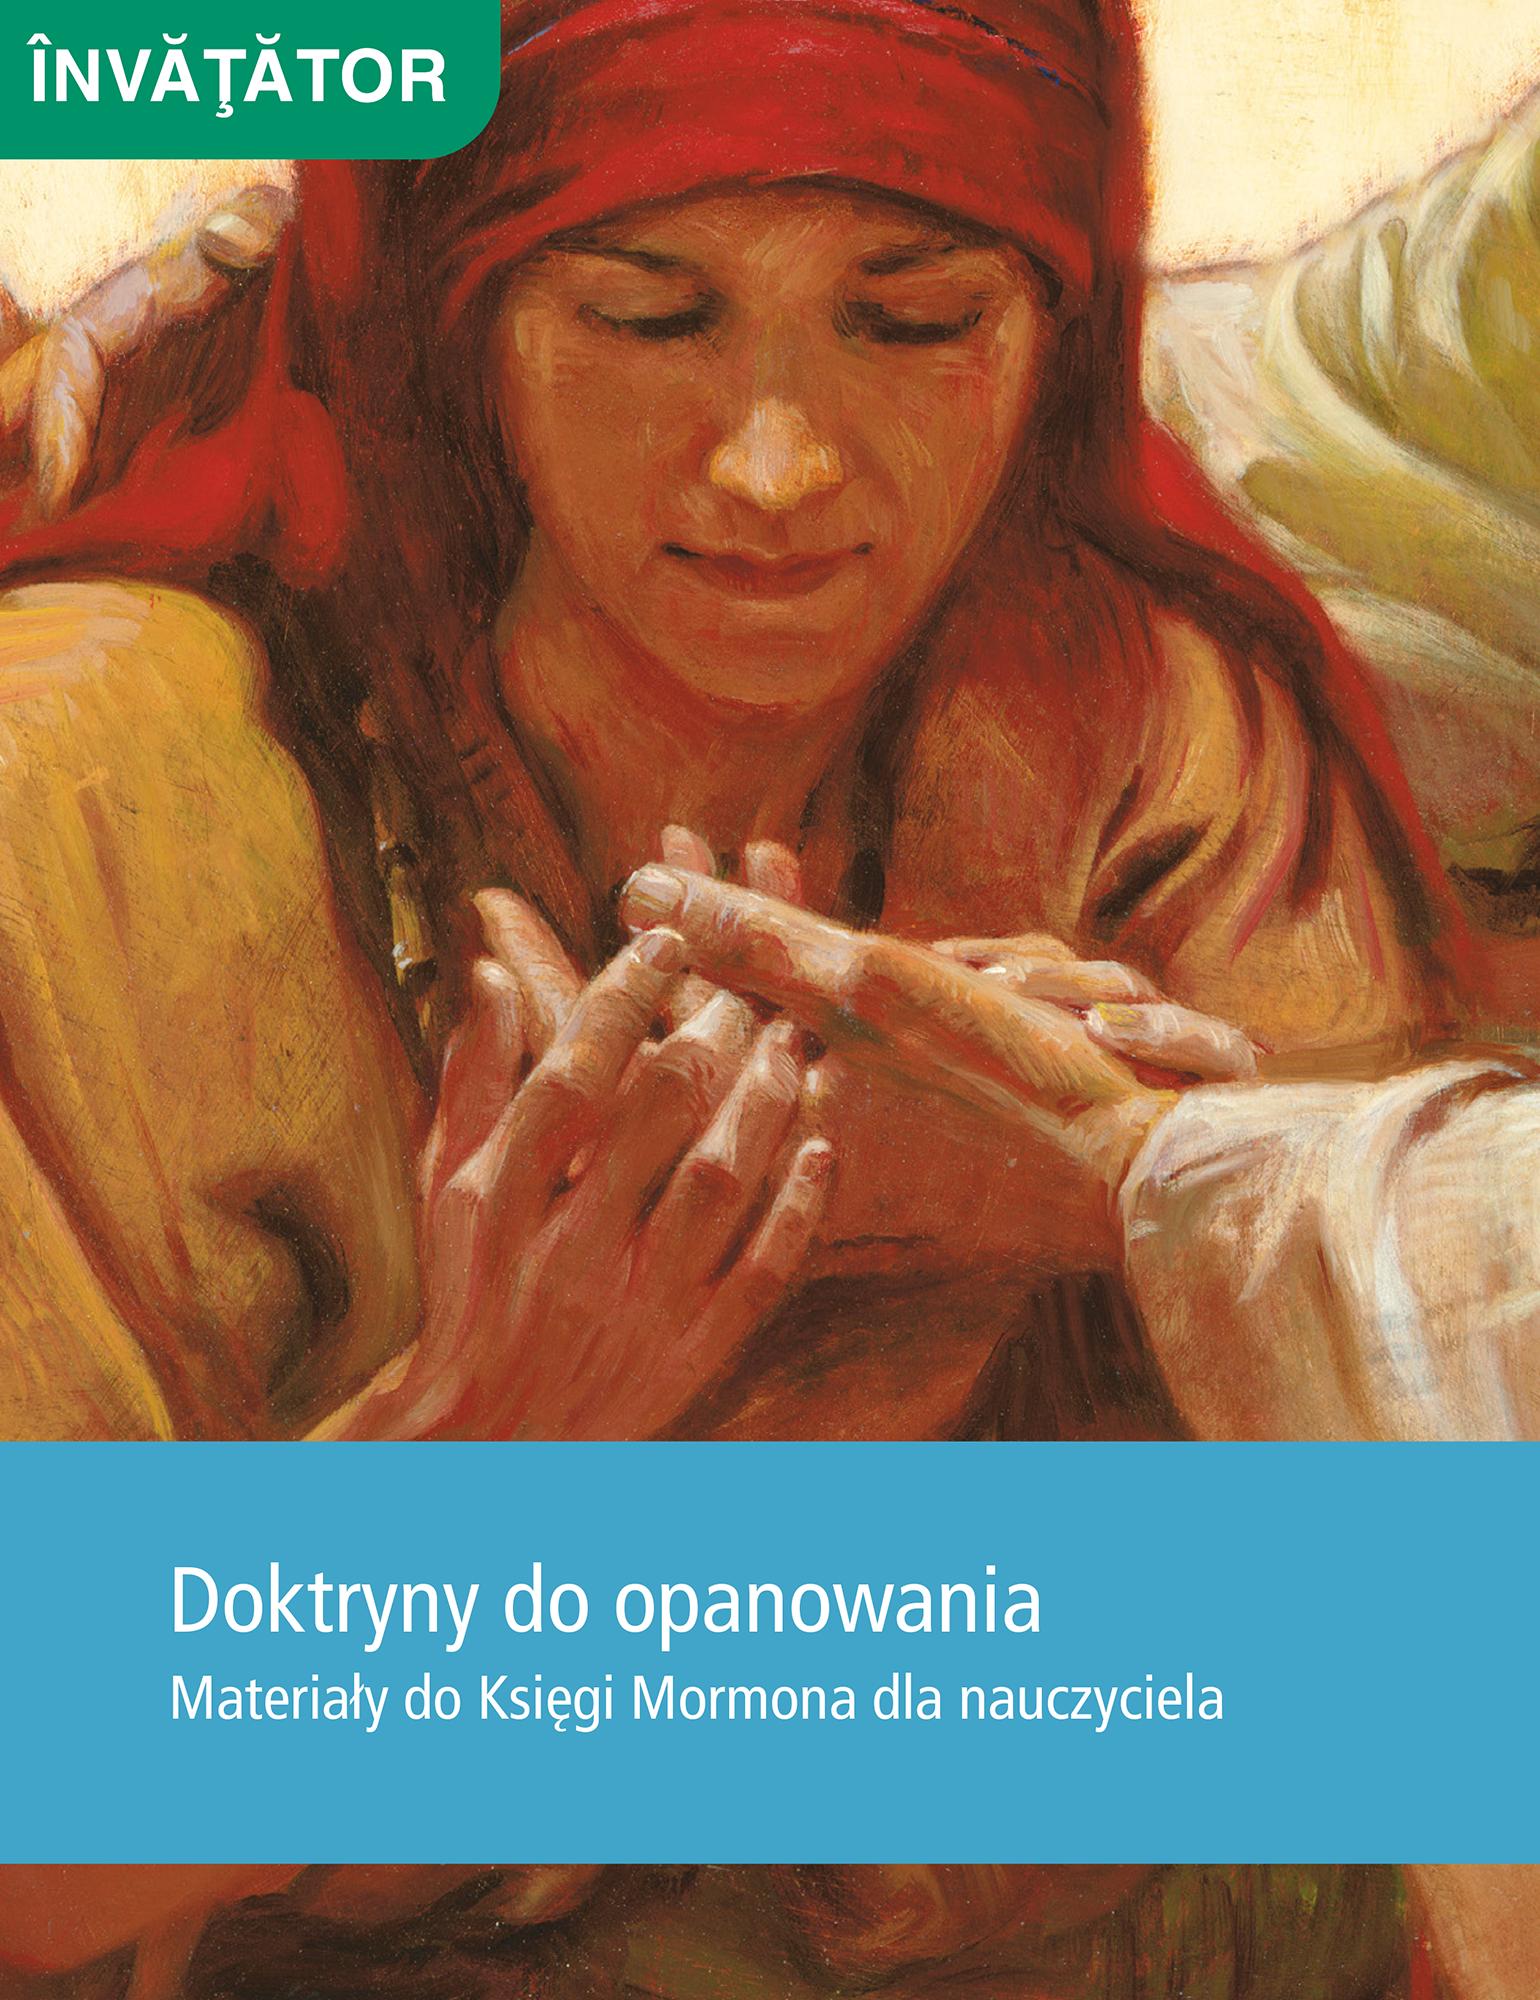 Cunoașterea doctrinelor din Cartea lui Mormon – material pentru învățător